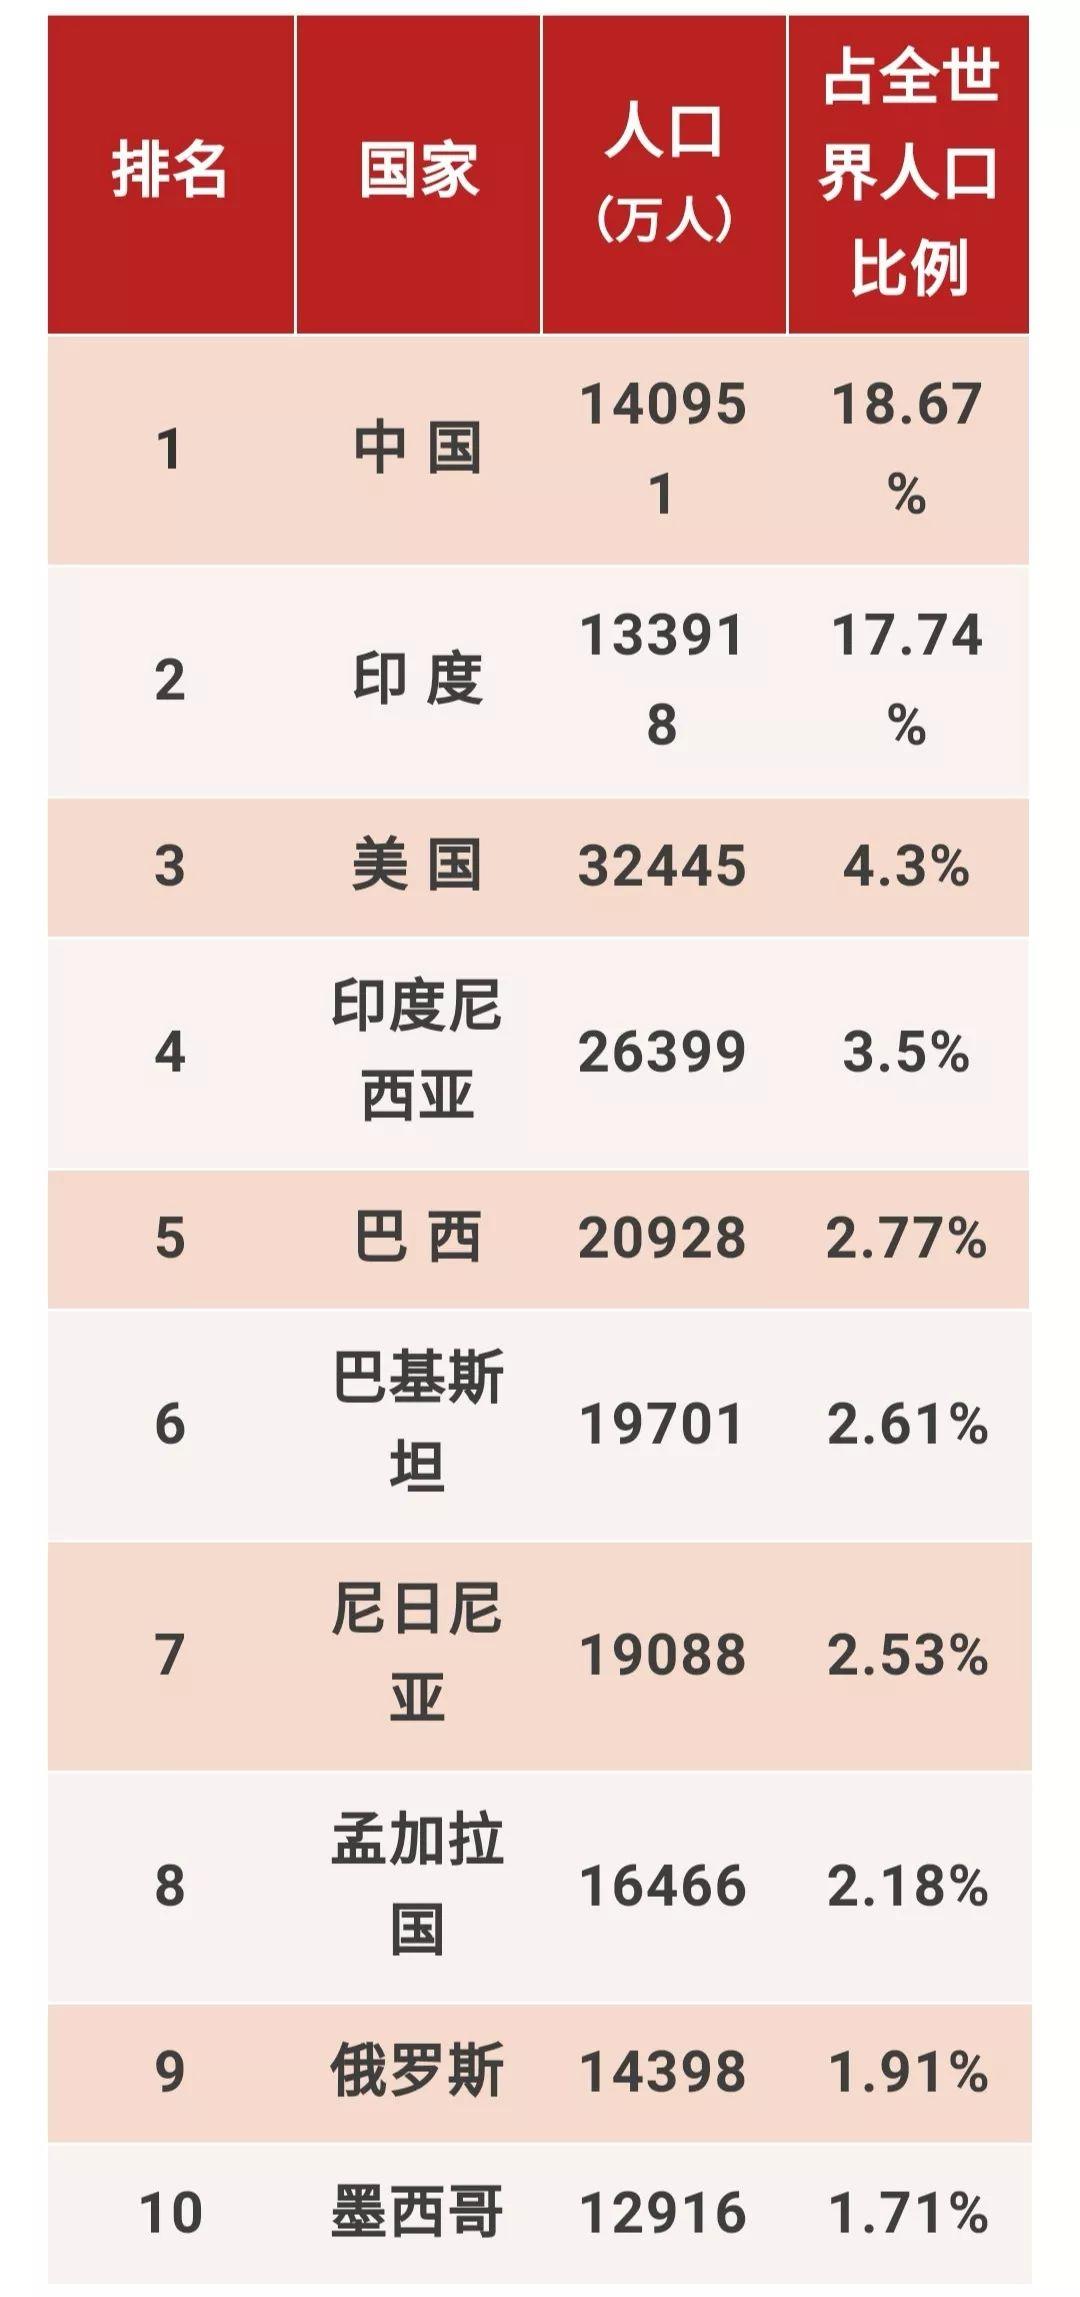 世界人口国家排名_2016最新世界各国人口排名